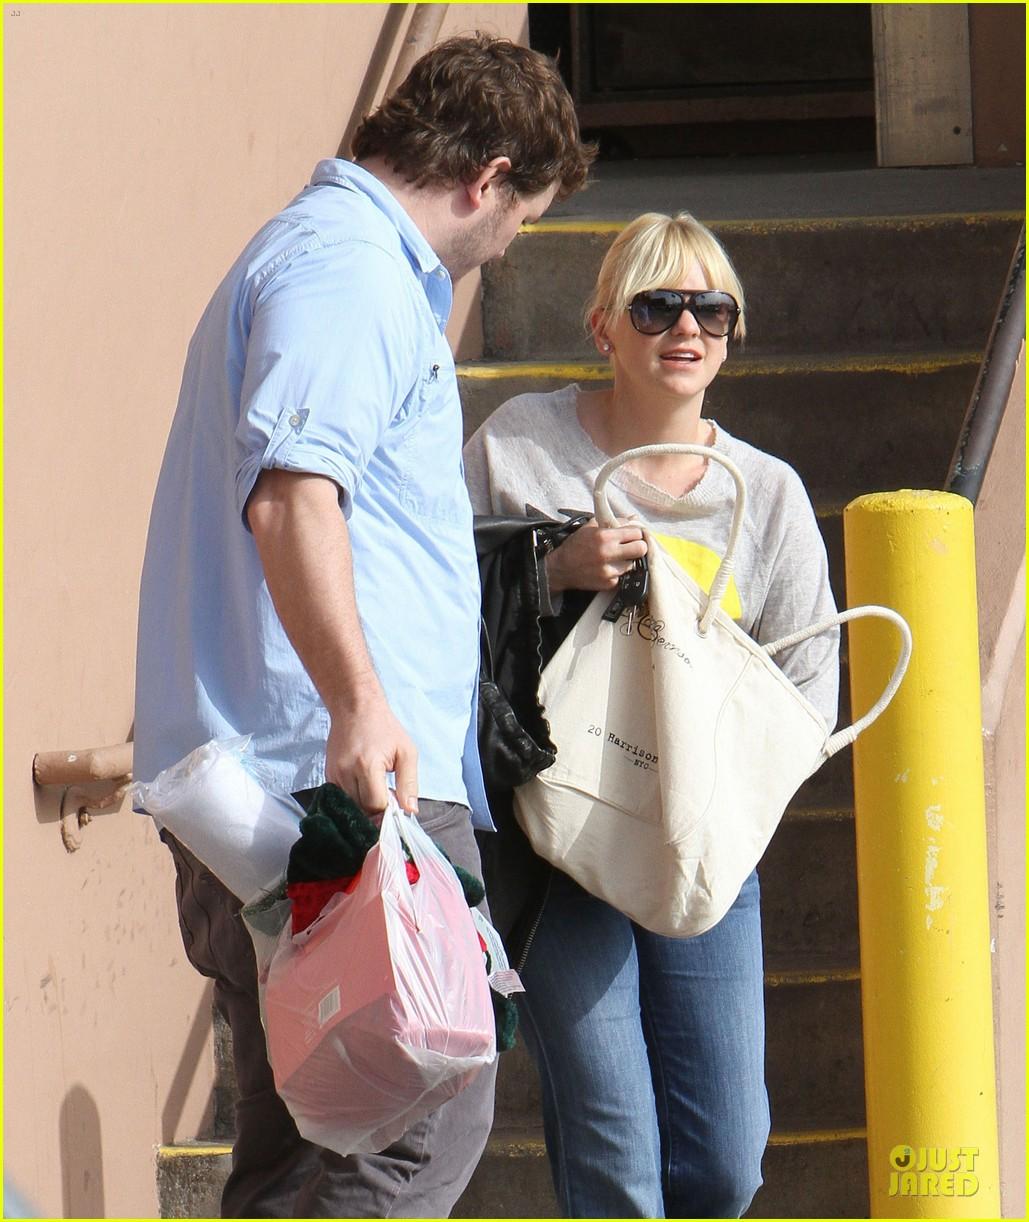 anna faris & chris pratt rite aide shopping couple 092772701